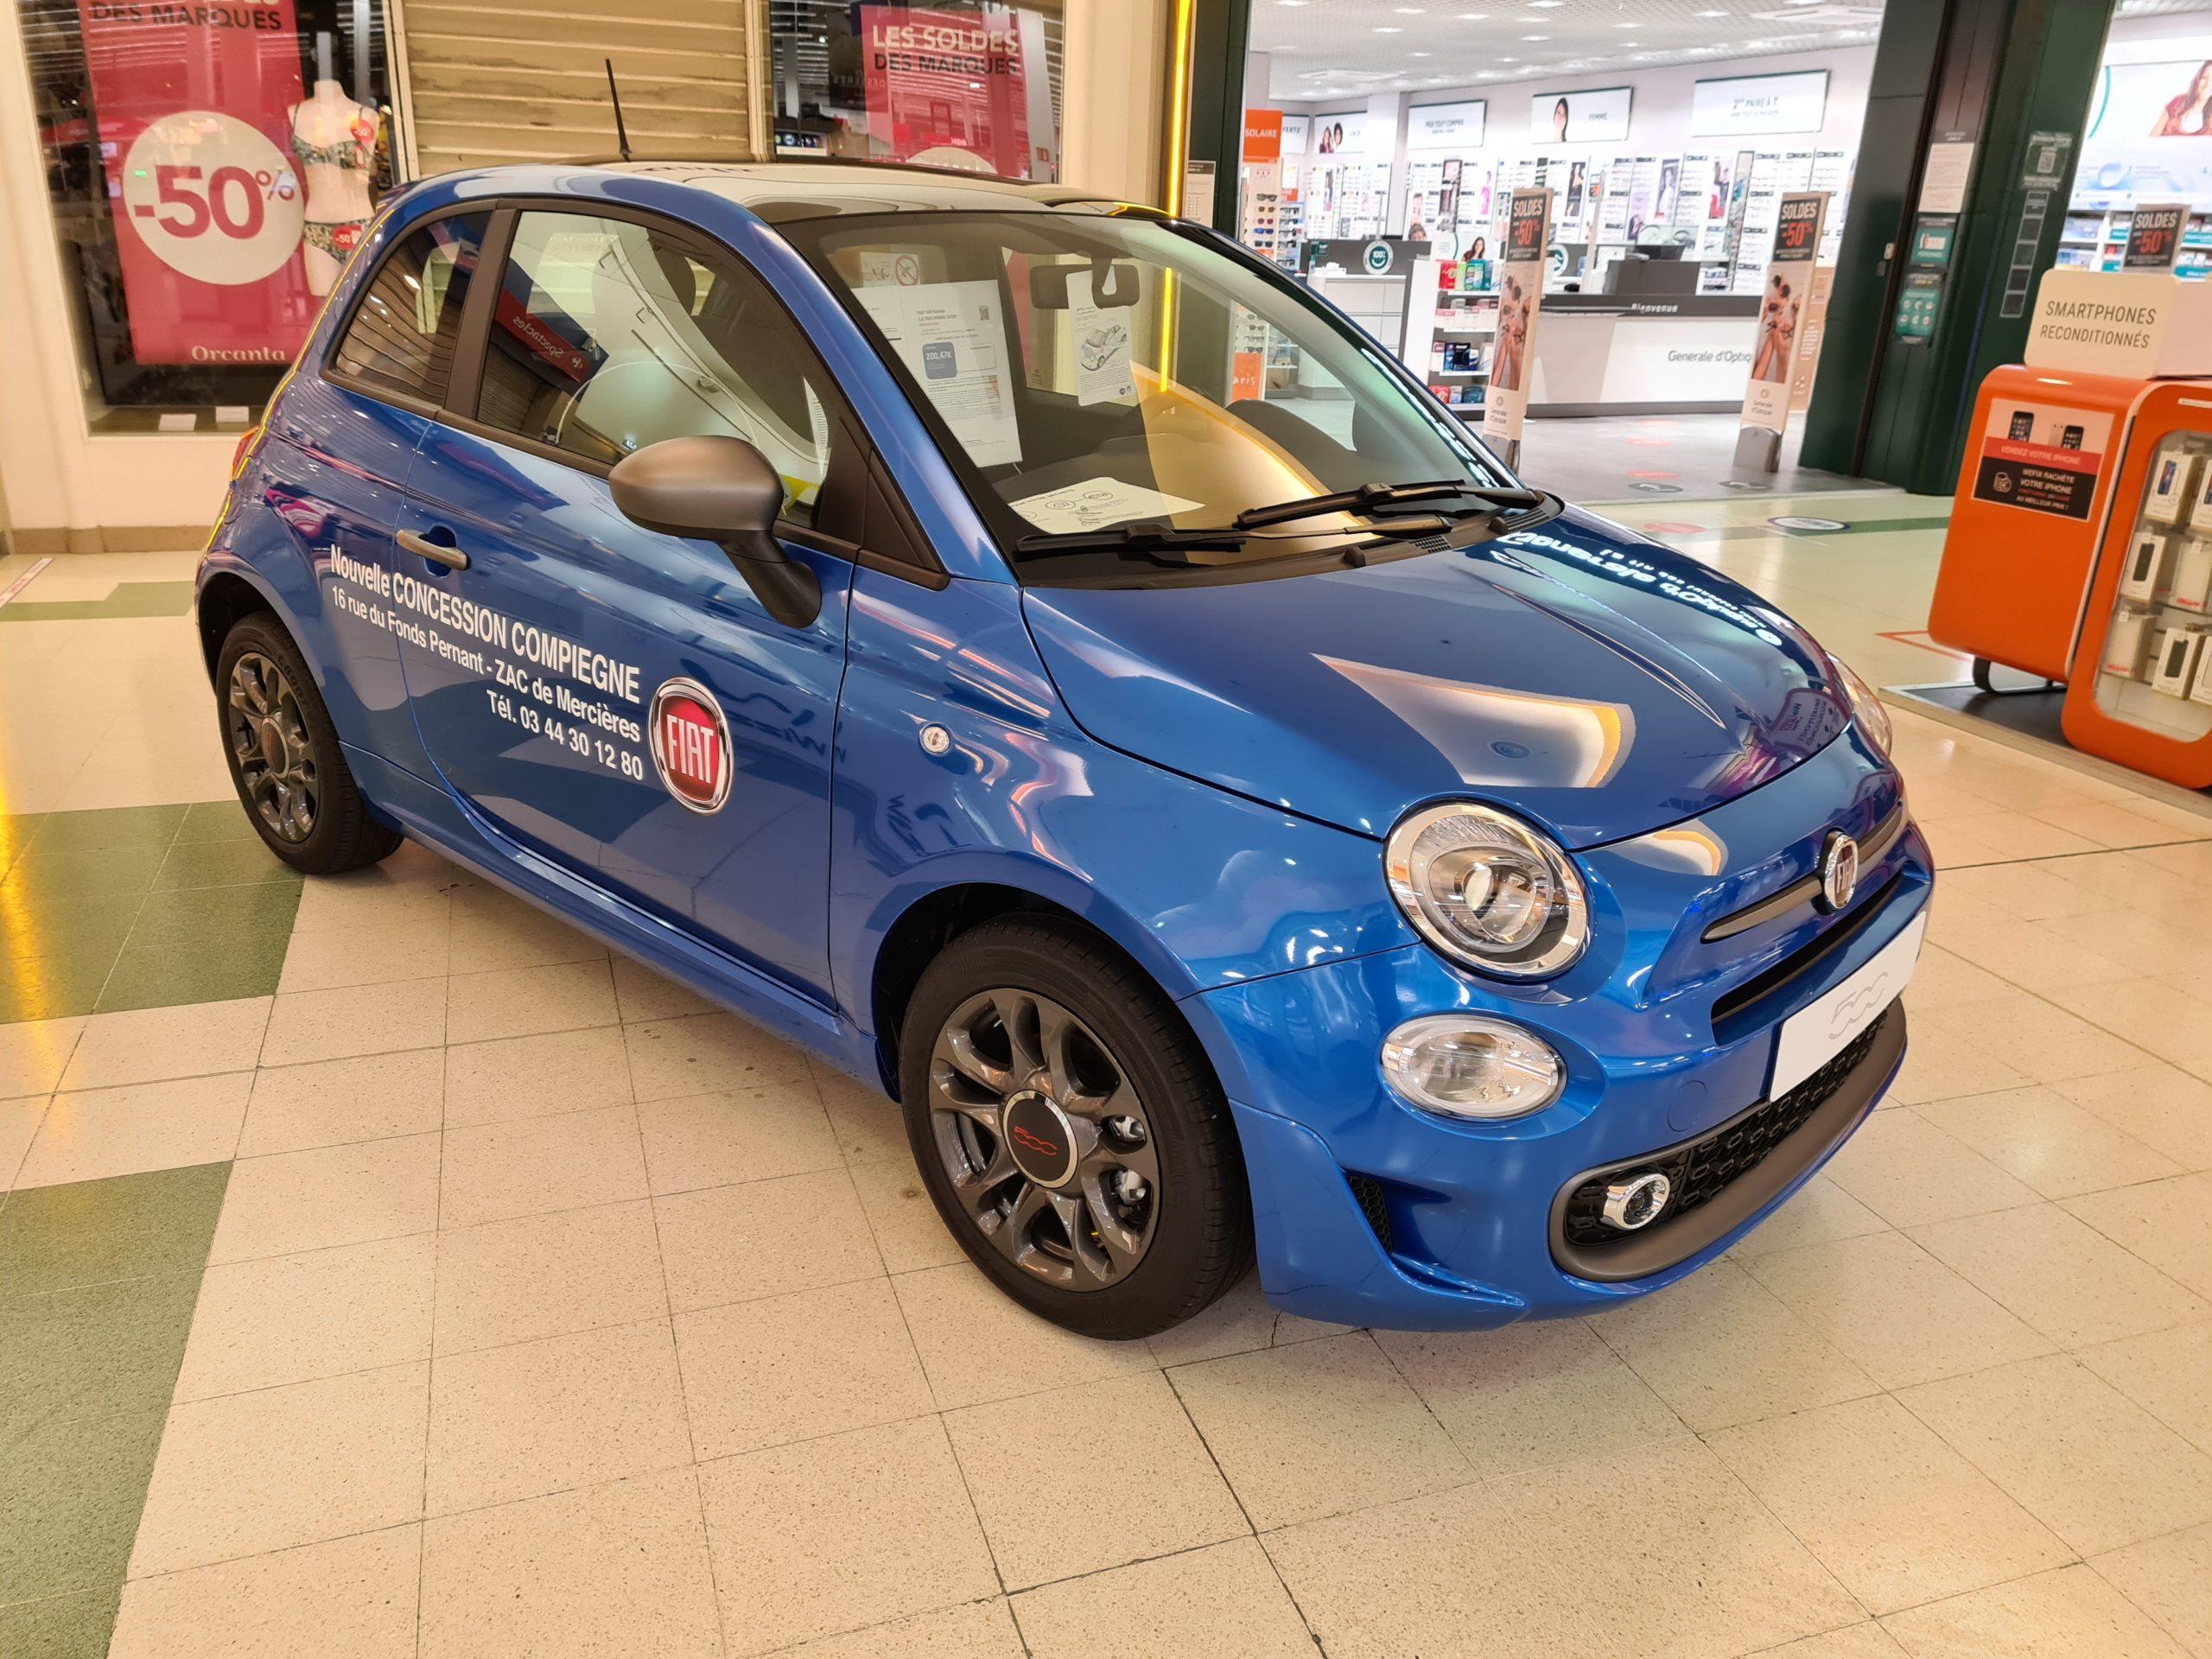 Carrefour Venette Semaine de l'auto